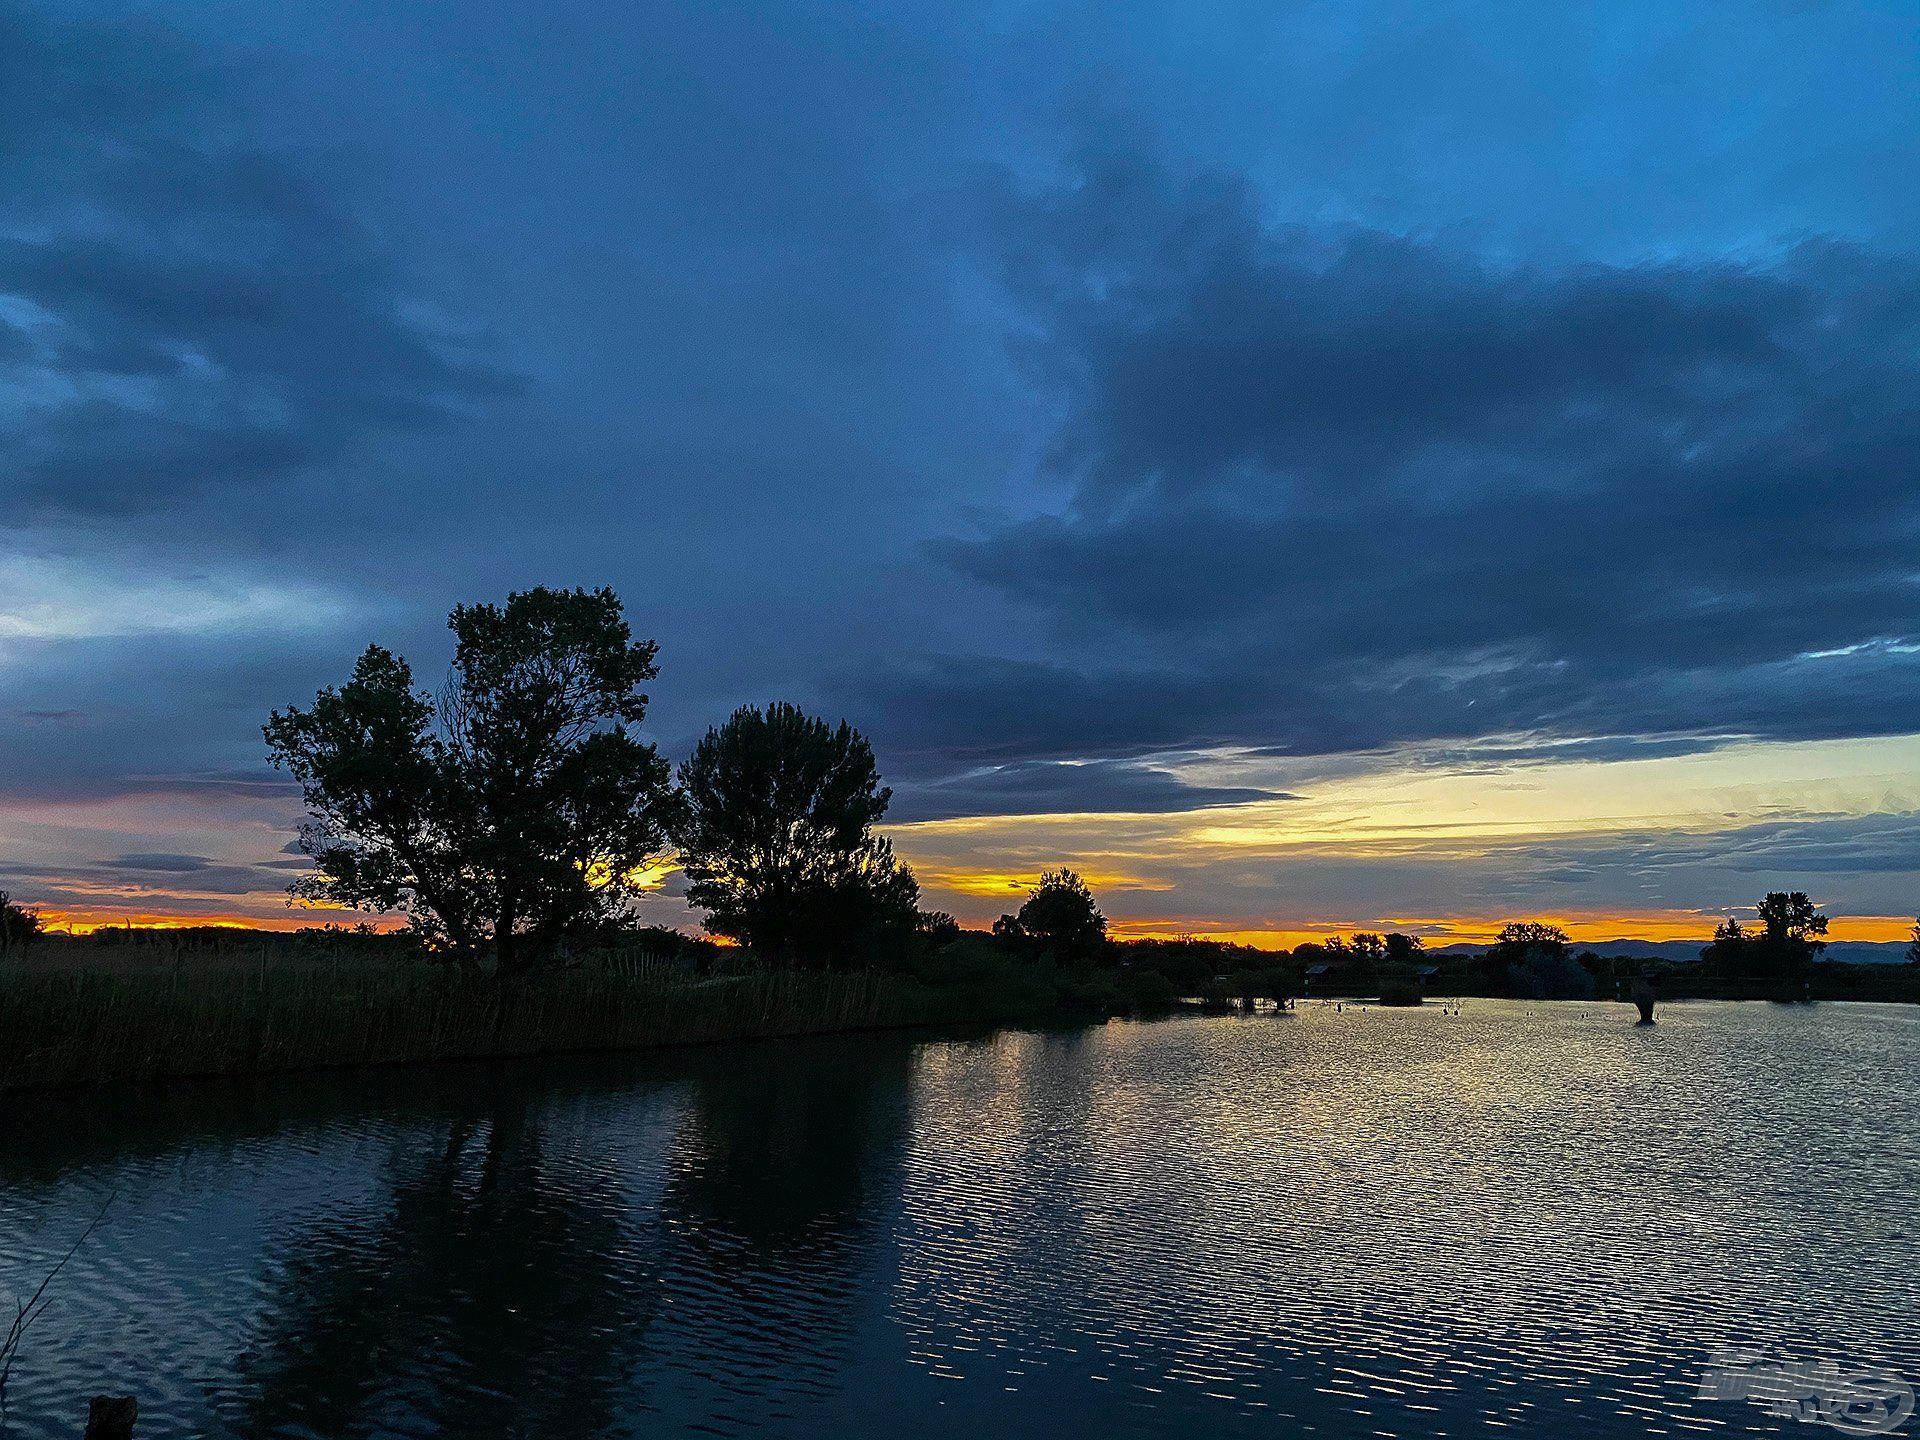 Hajnalban csörgött az óránk, már pirkadatkor kimentünk a horgászhelyünkre és megkezdtük a napot